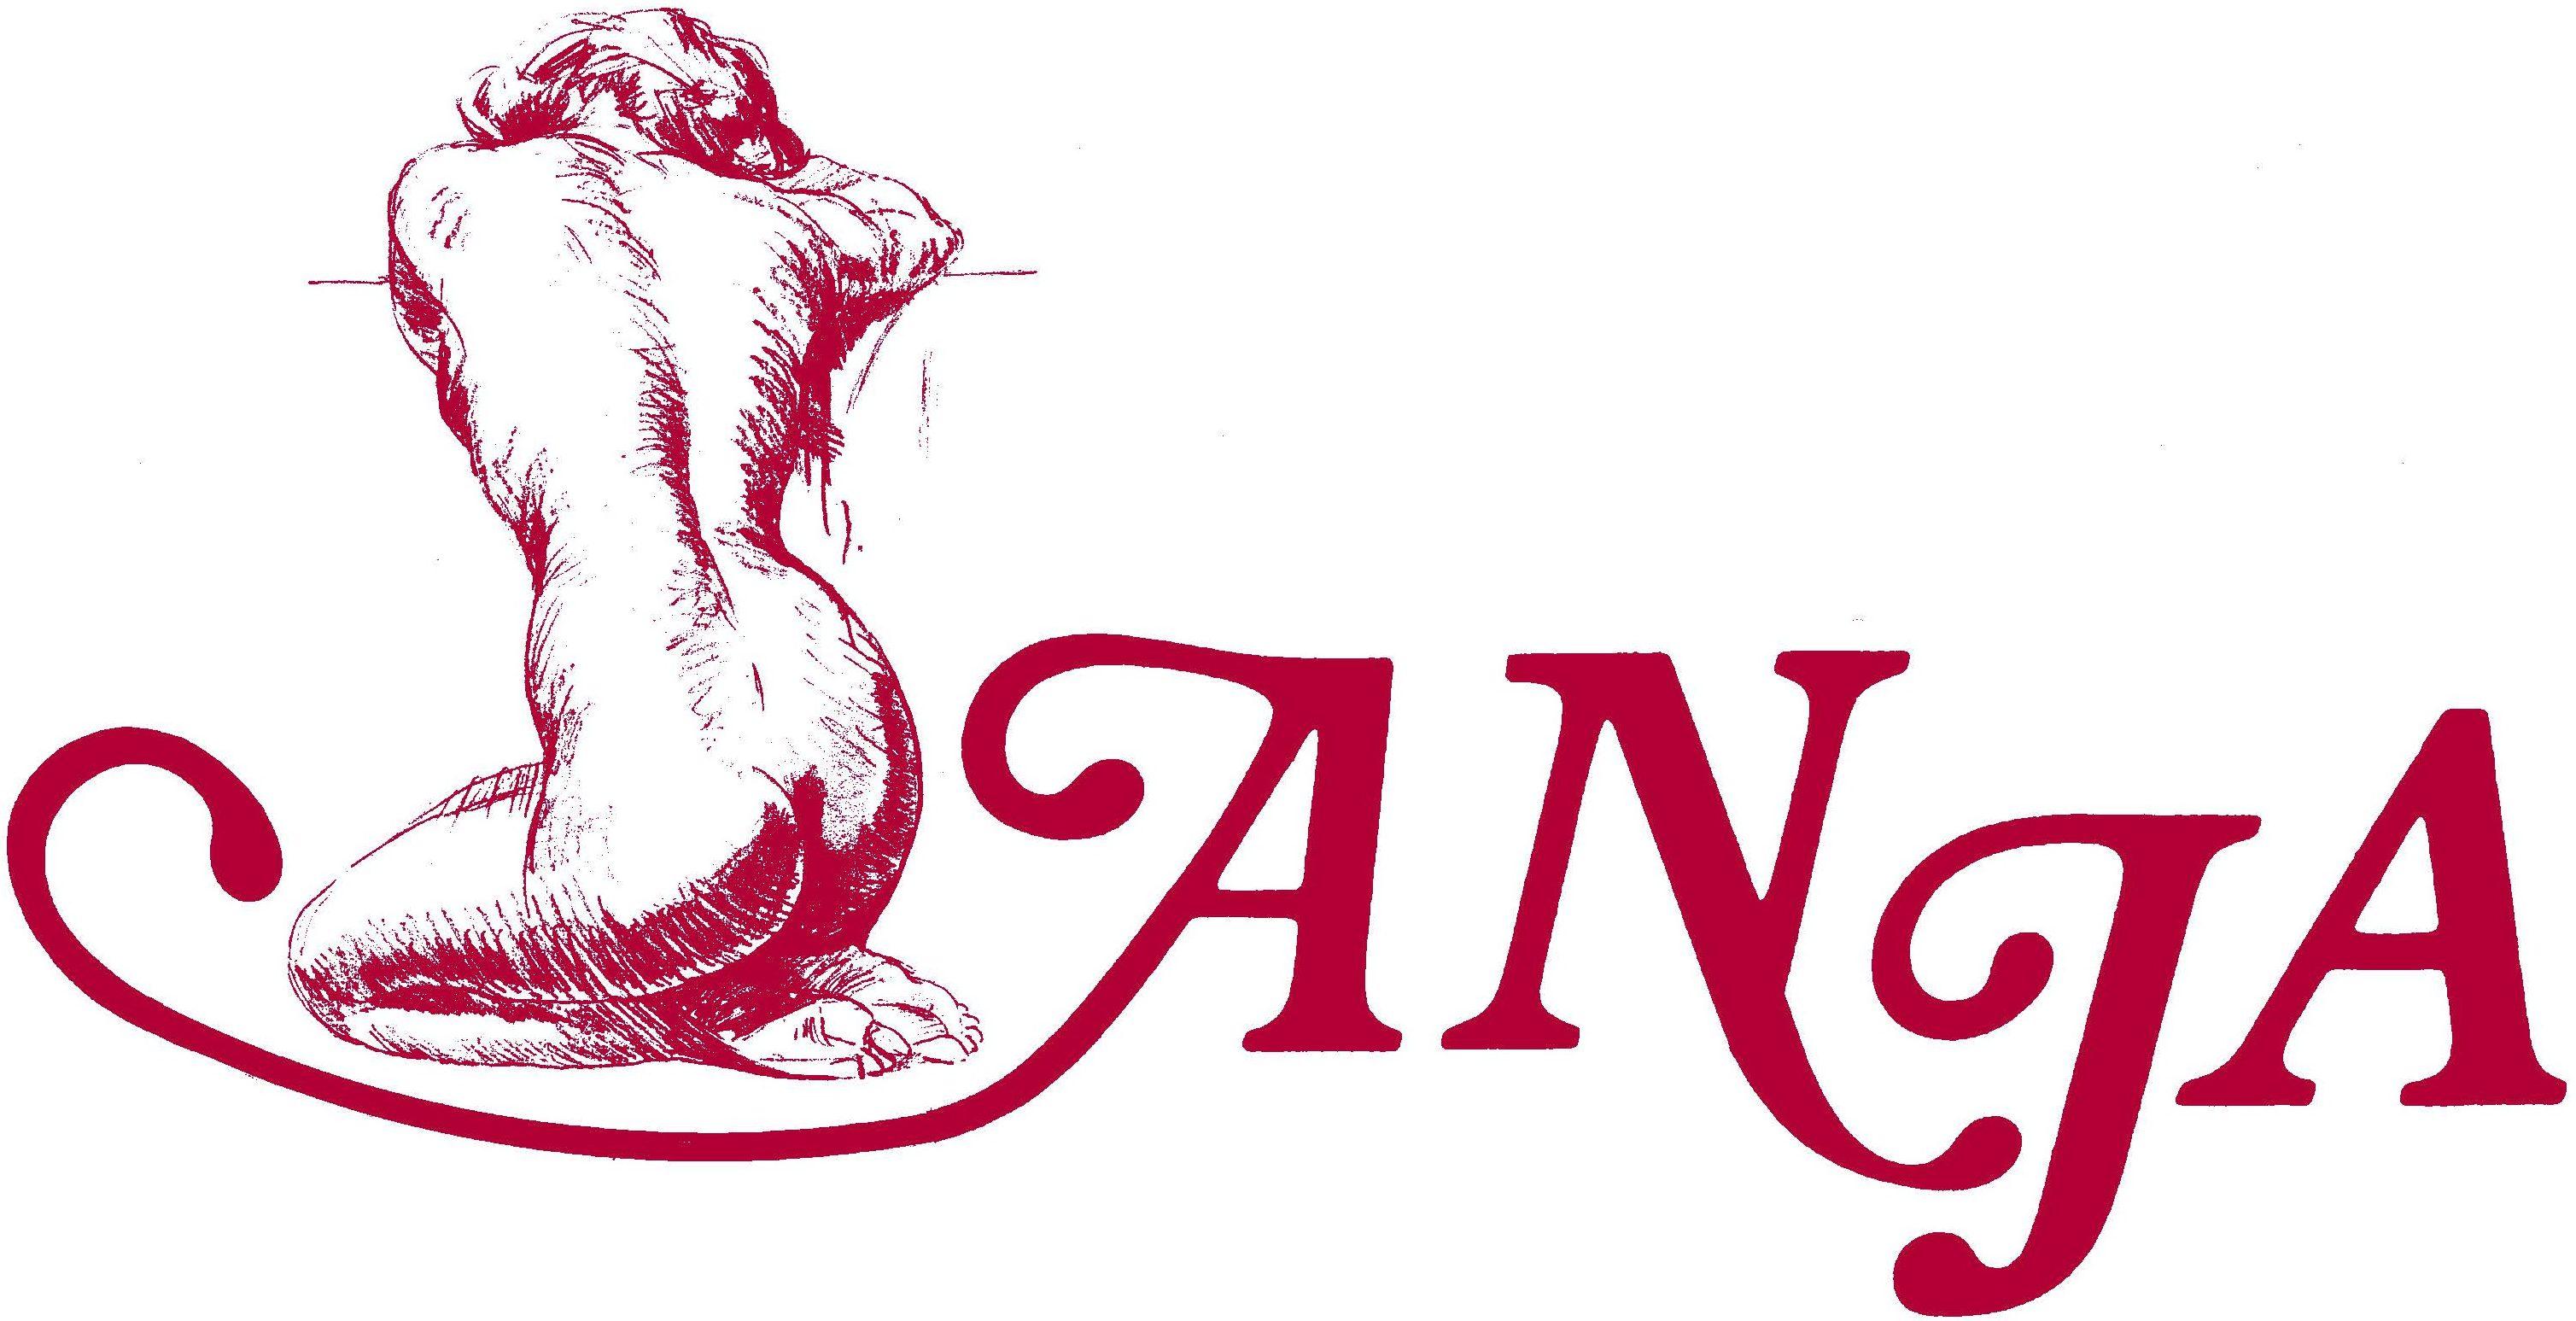 Anja Schoonheidsinstituut logo